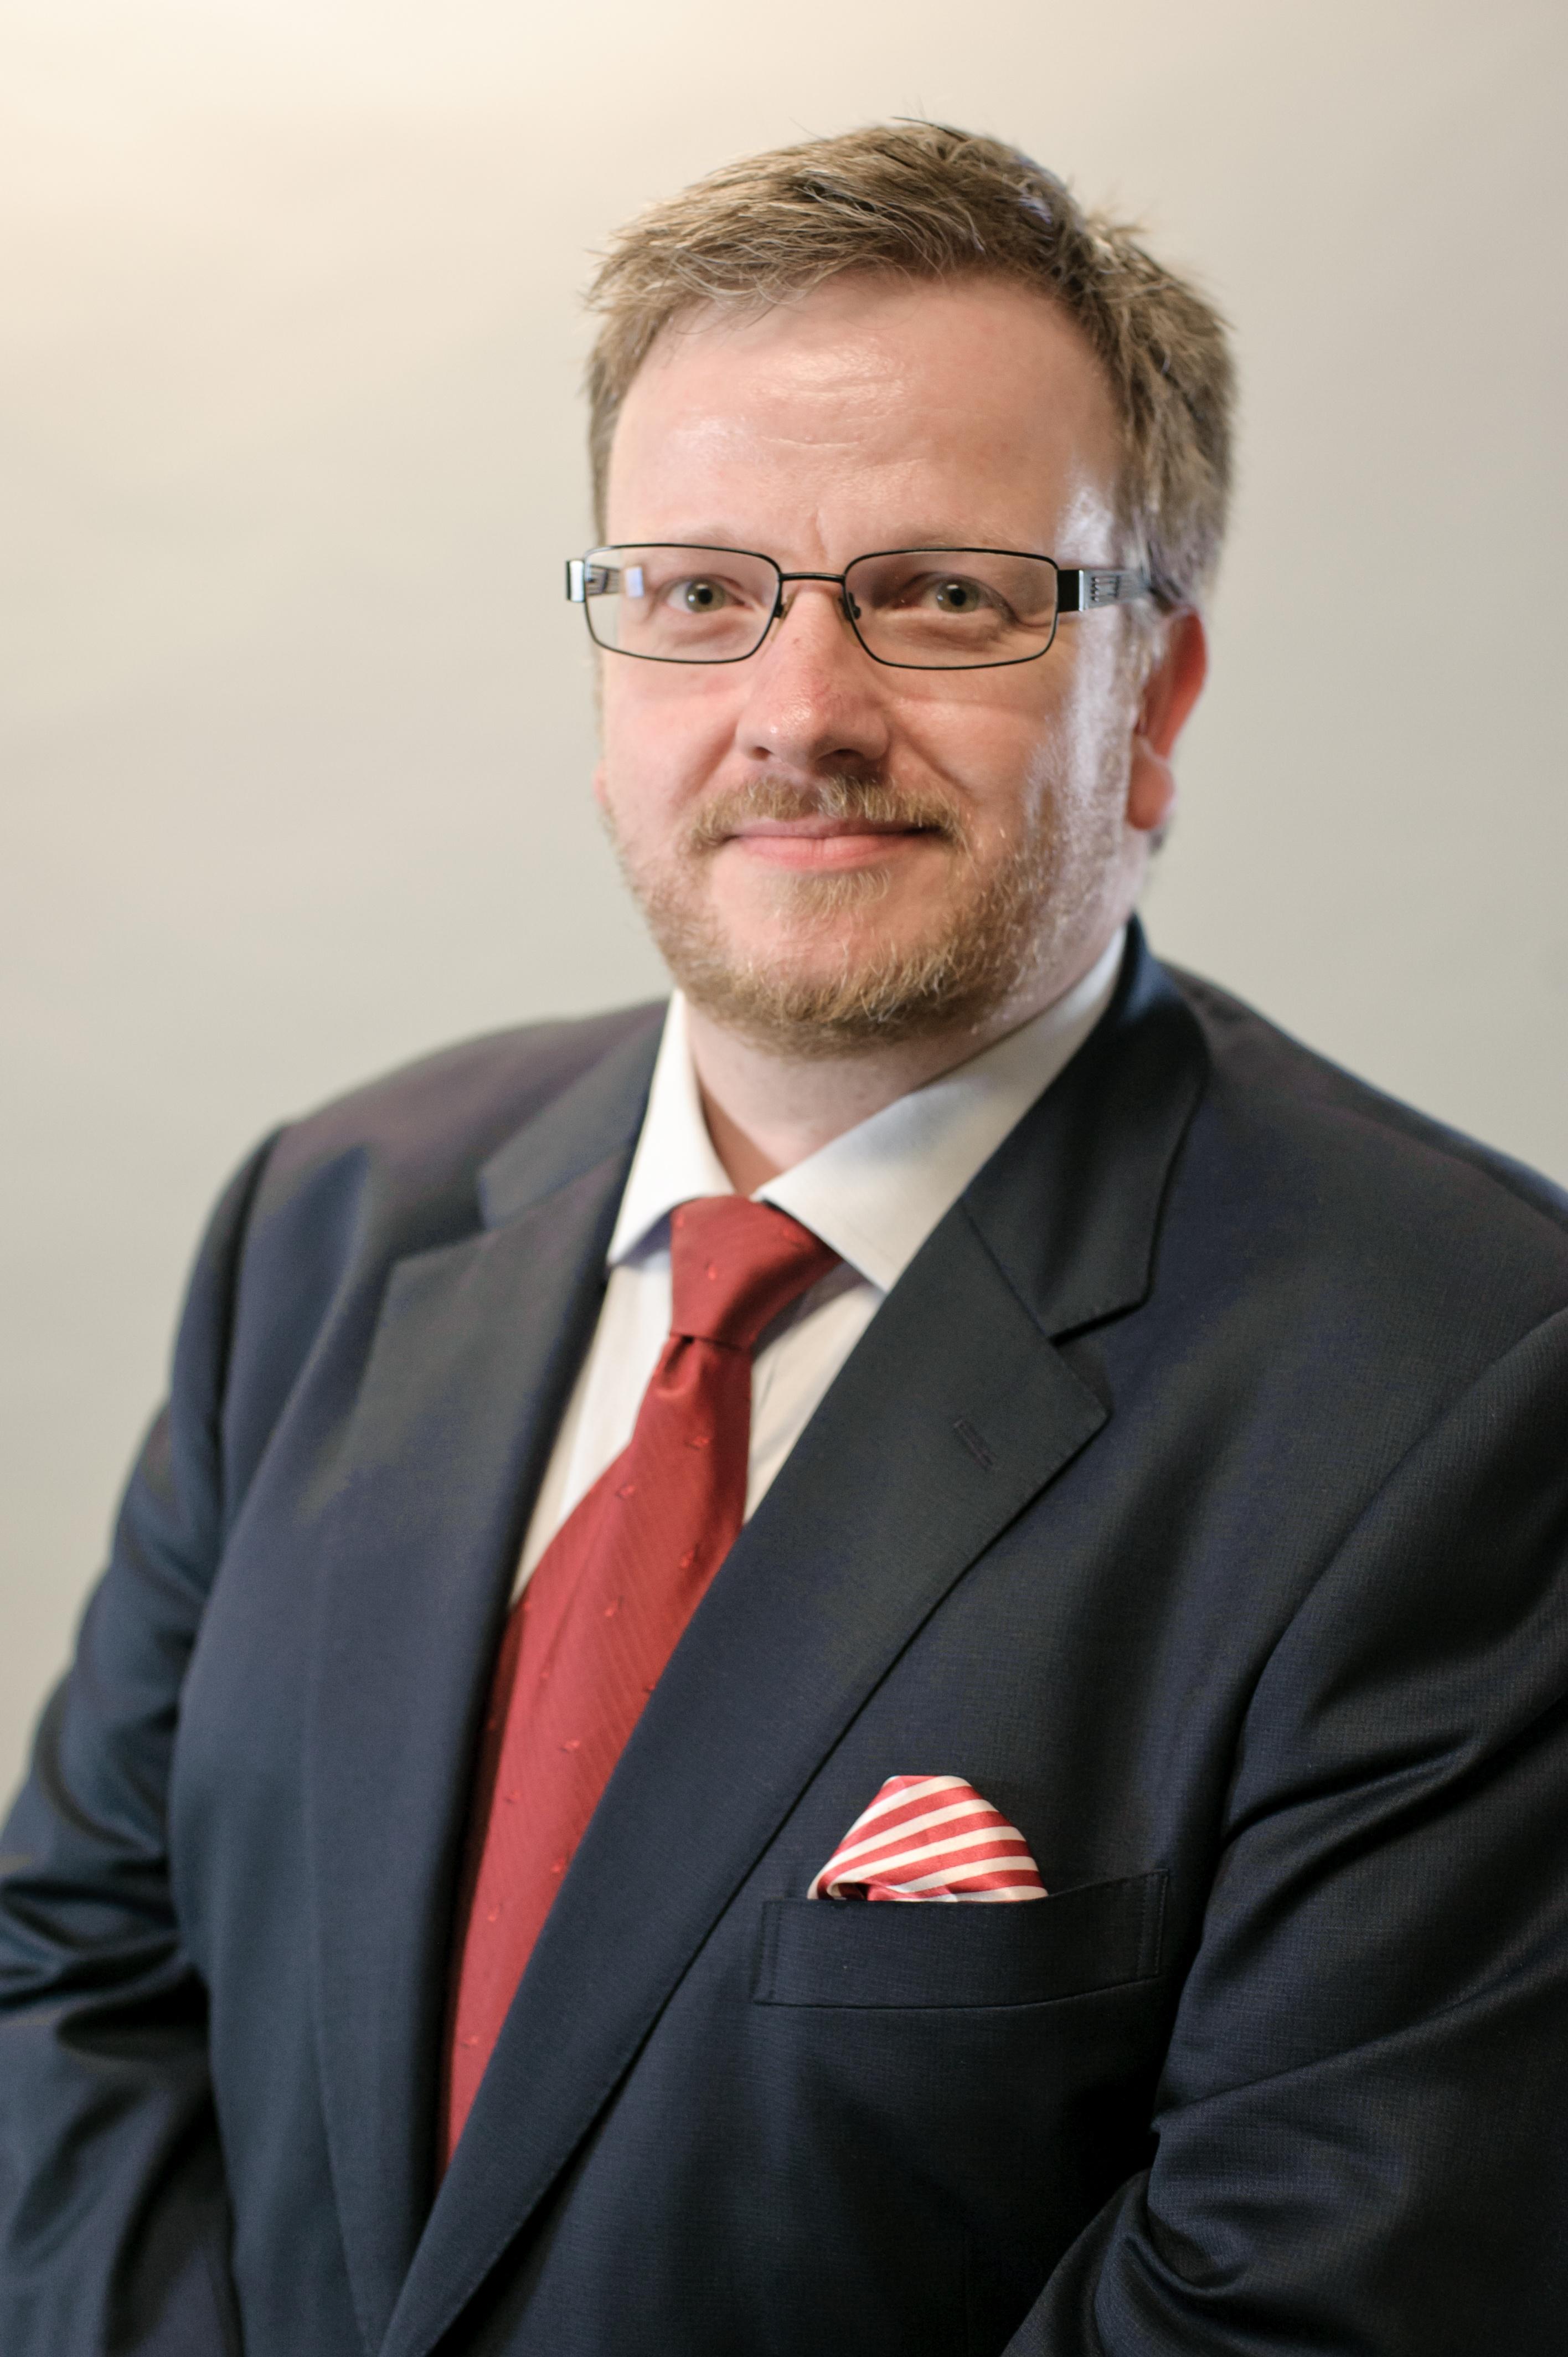 Dr Michael Moffatt